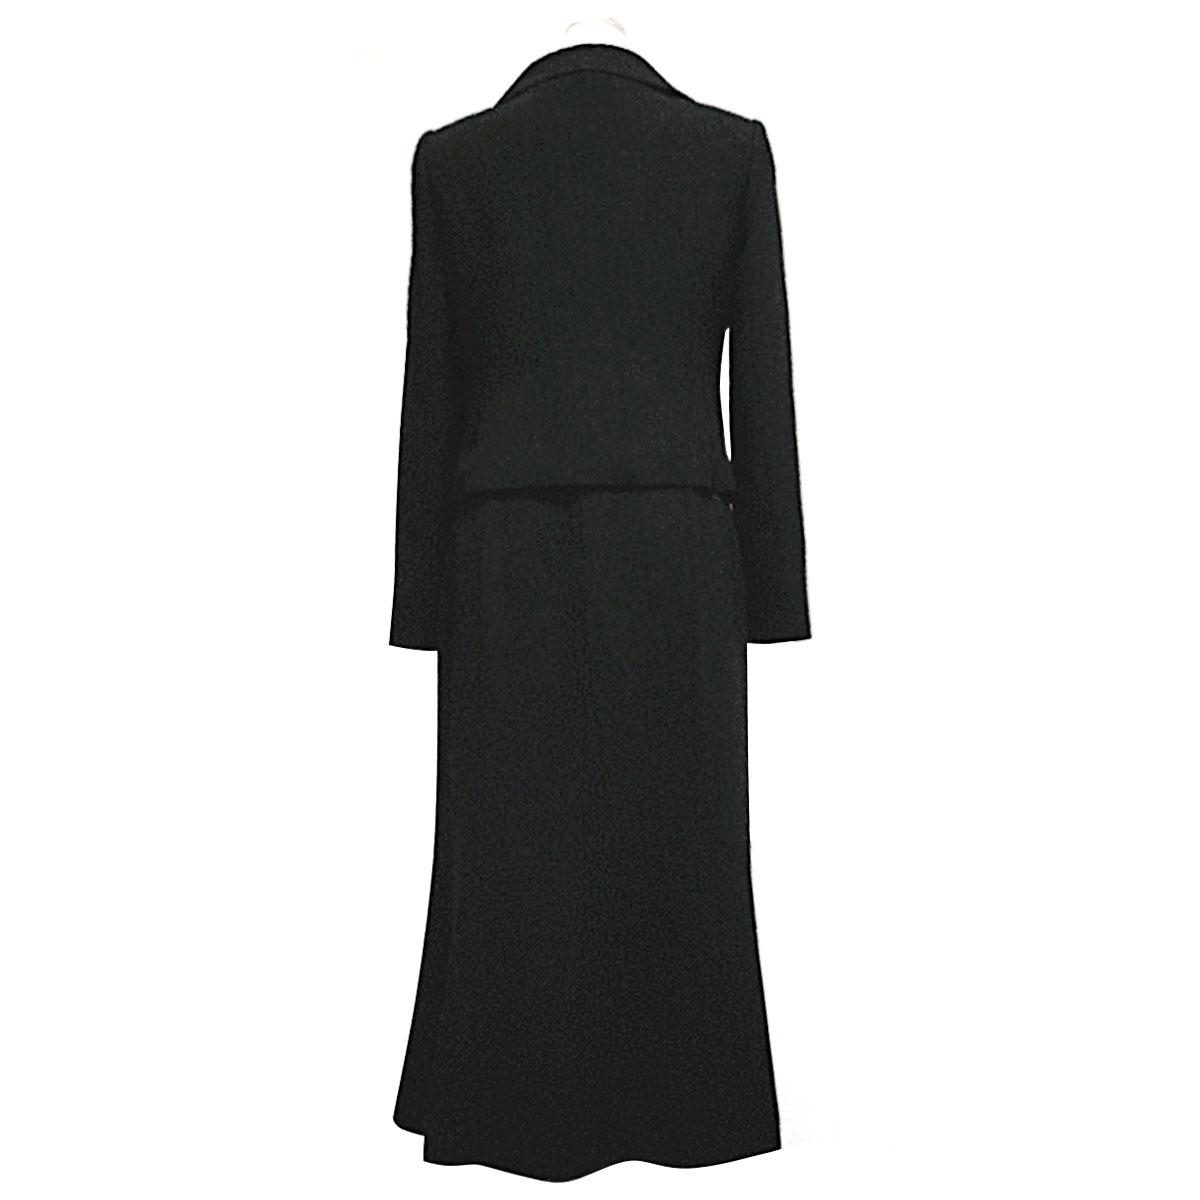 アンサンブル 黒 結婚式 卒業式 礼服